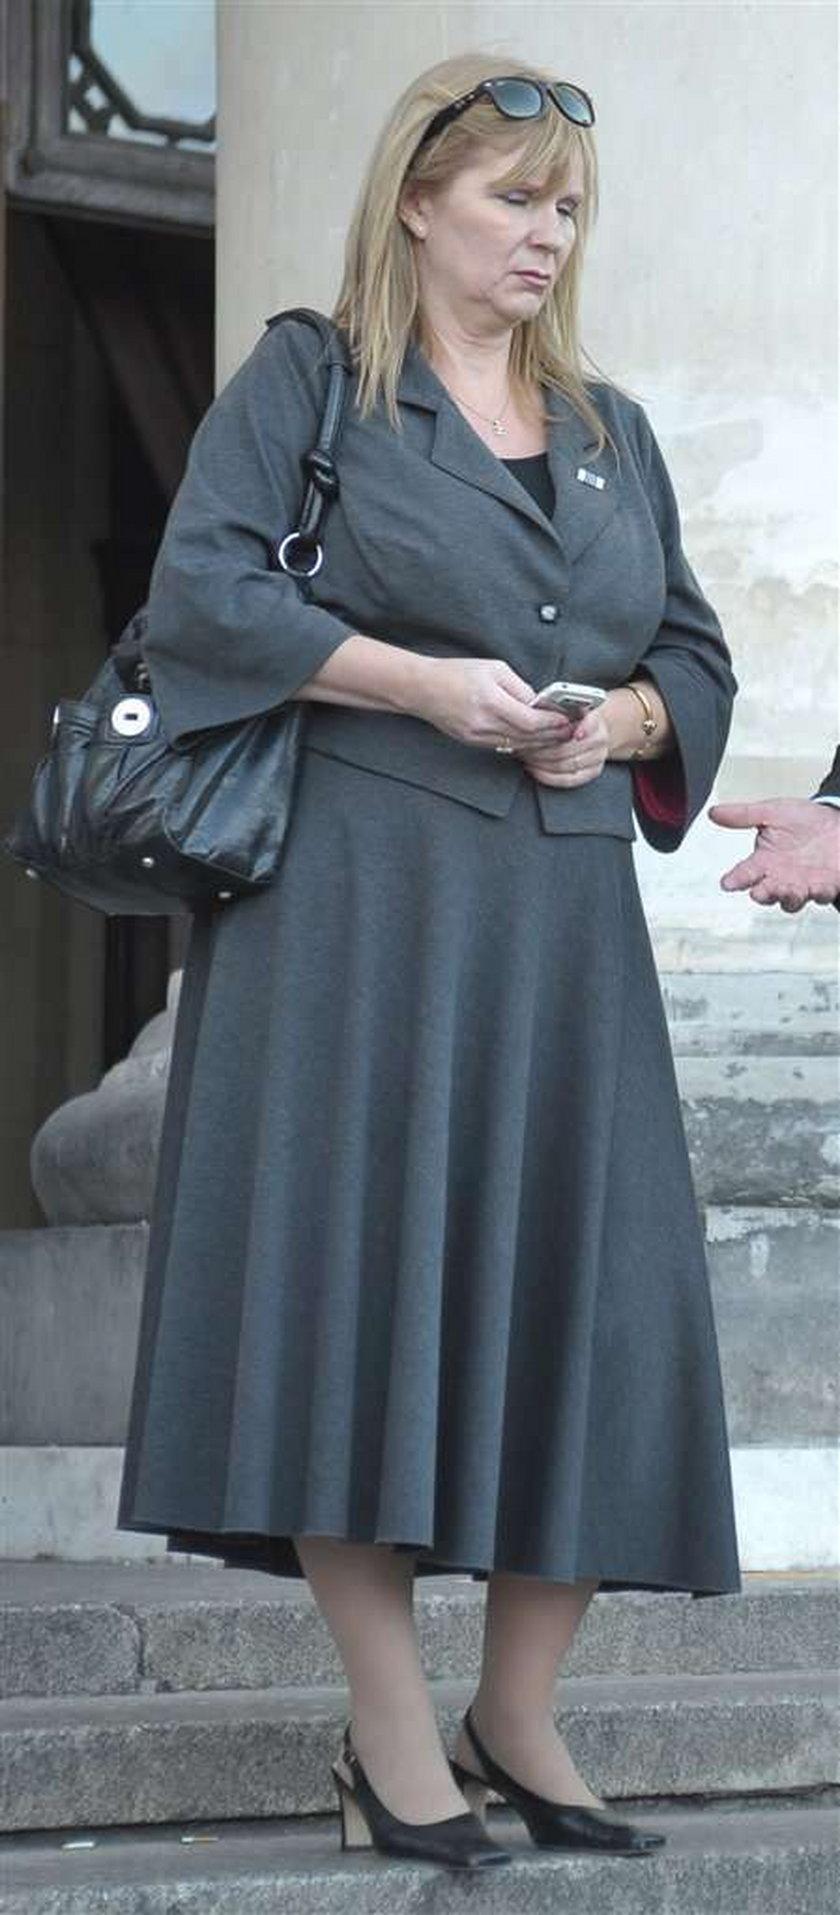 Była żona Gosiewskiego z kieliszkiem i ...